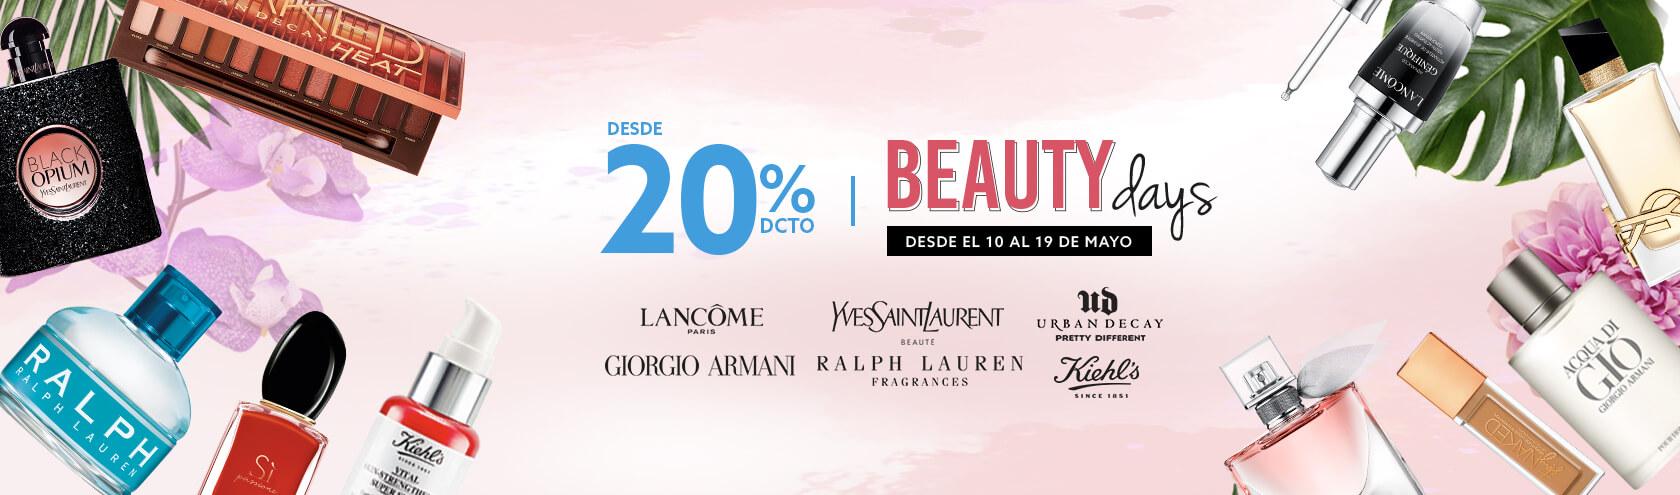 Beauty Days 20% de descuento en perfumes, cuidado de la piel y maquillaje